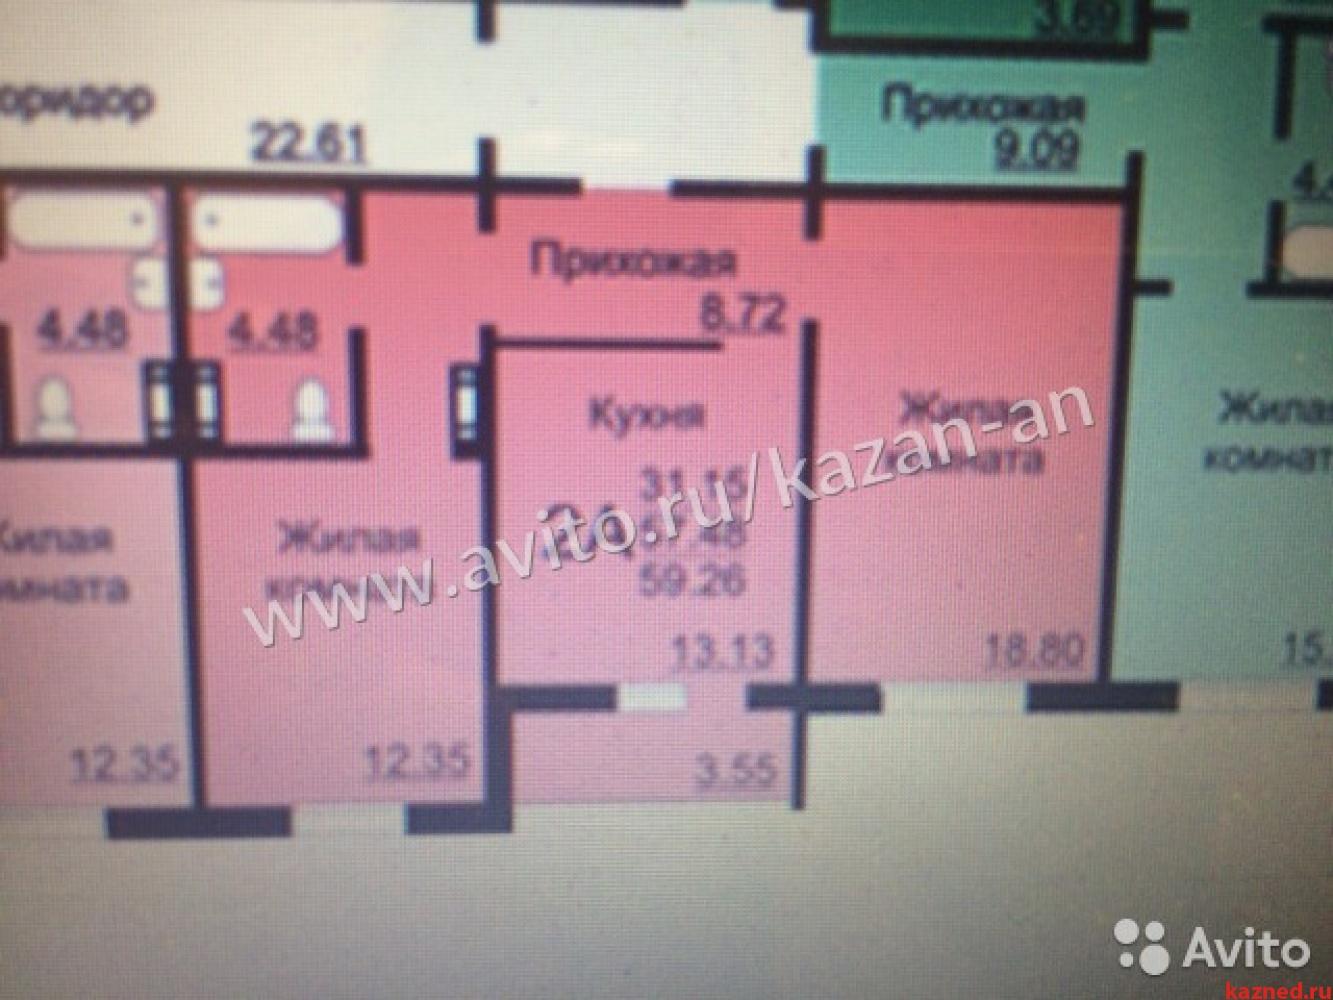 Продажа 2-к квартиры Натана Рахлина ул, 7б, 0 м2  (миниатюра №5)